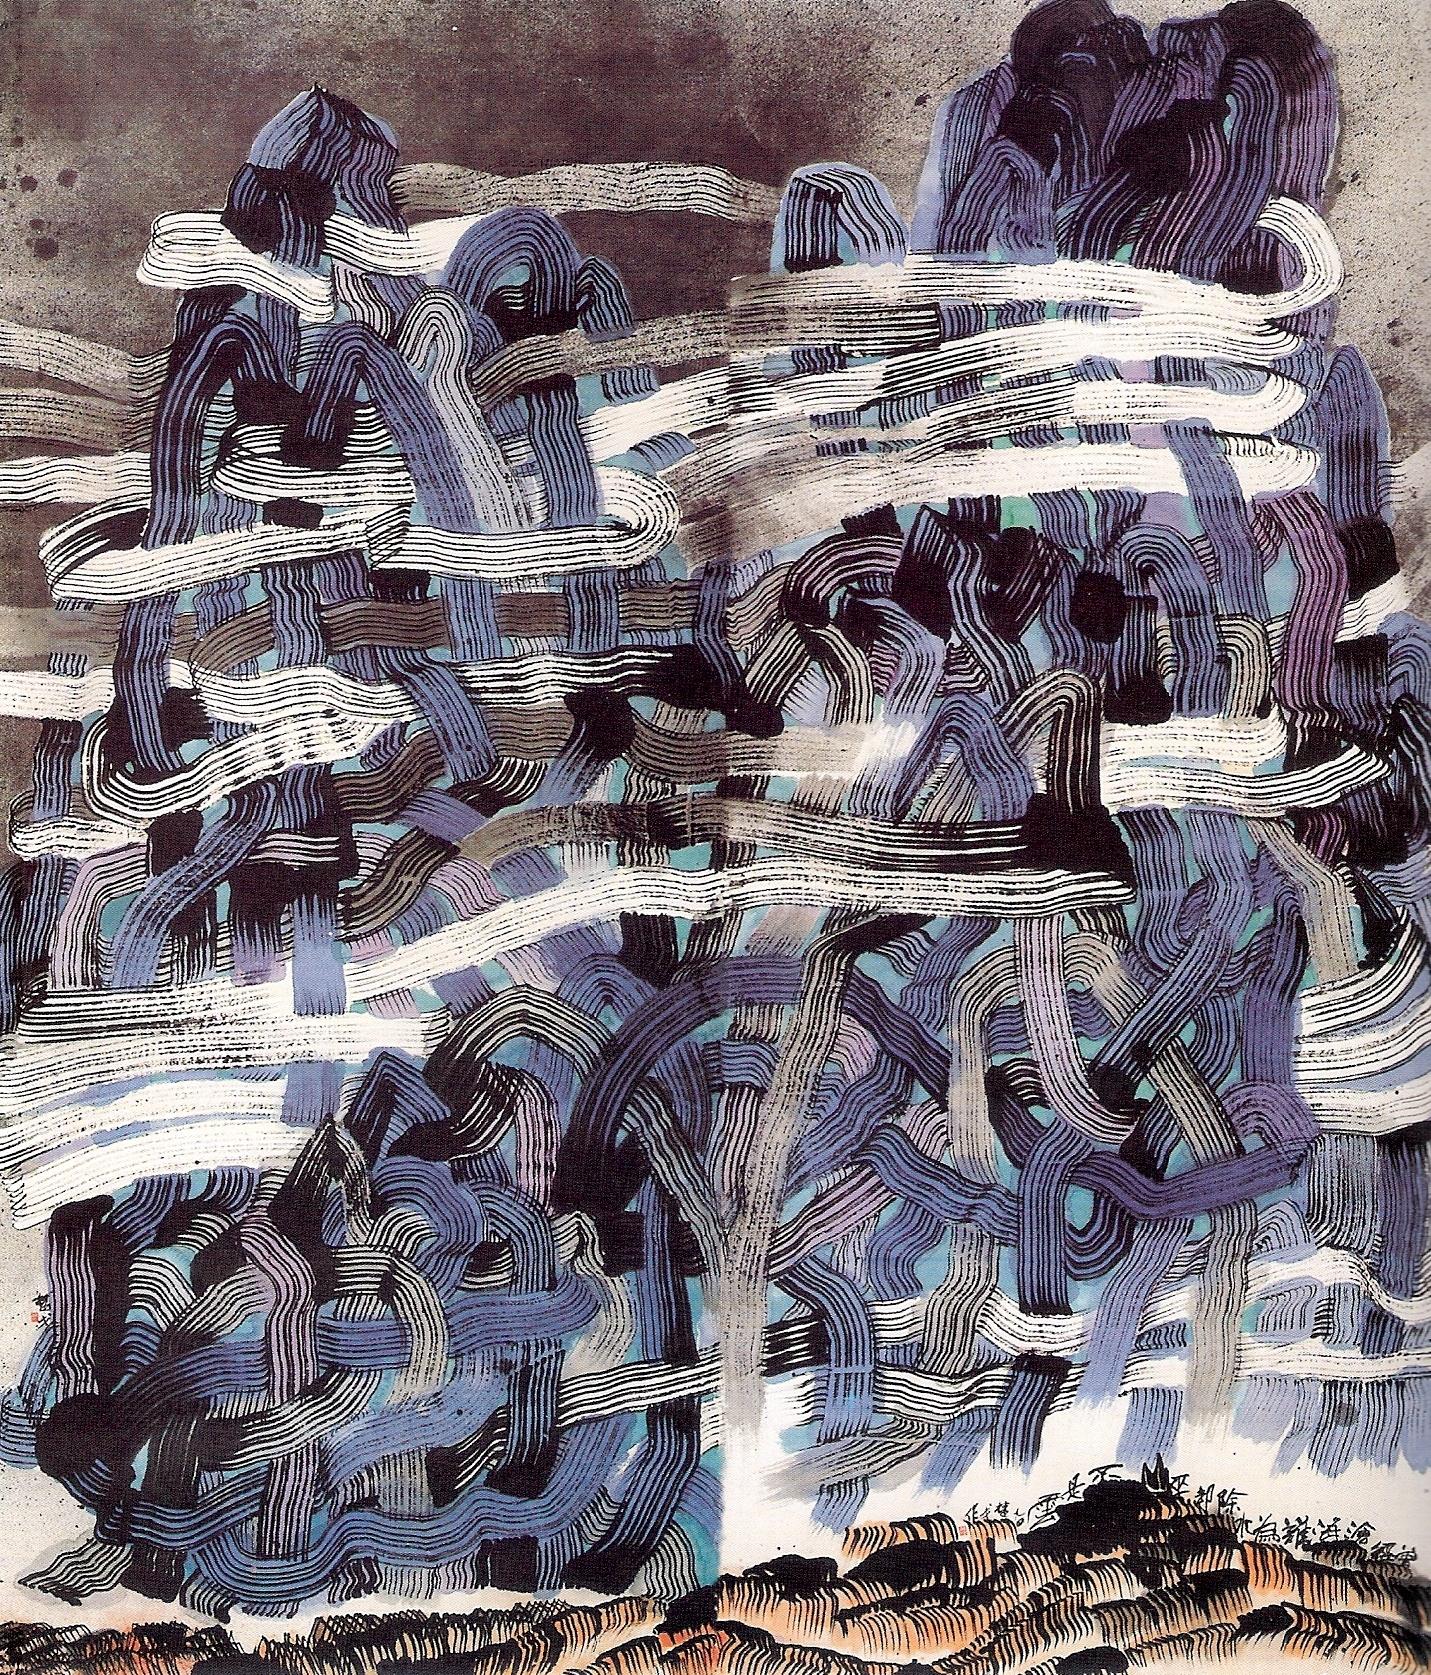 楚戈 畫作「曾經滄海難為水 除卻巫山不是雲」